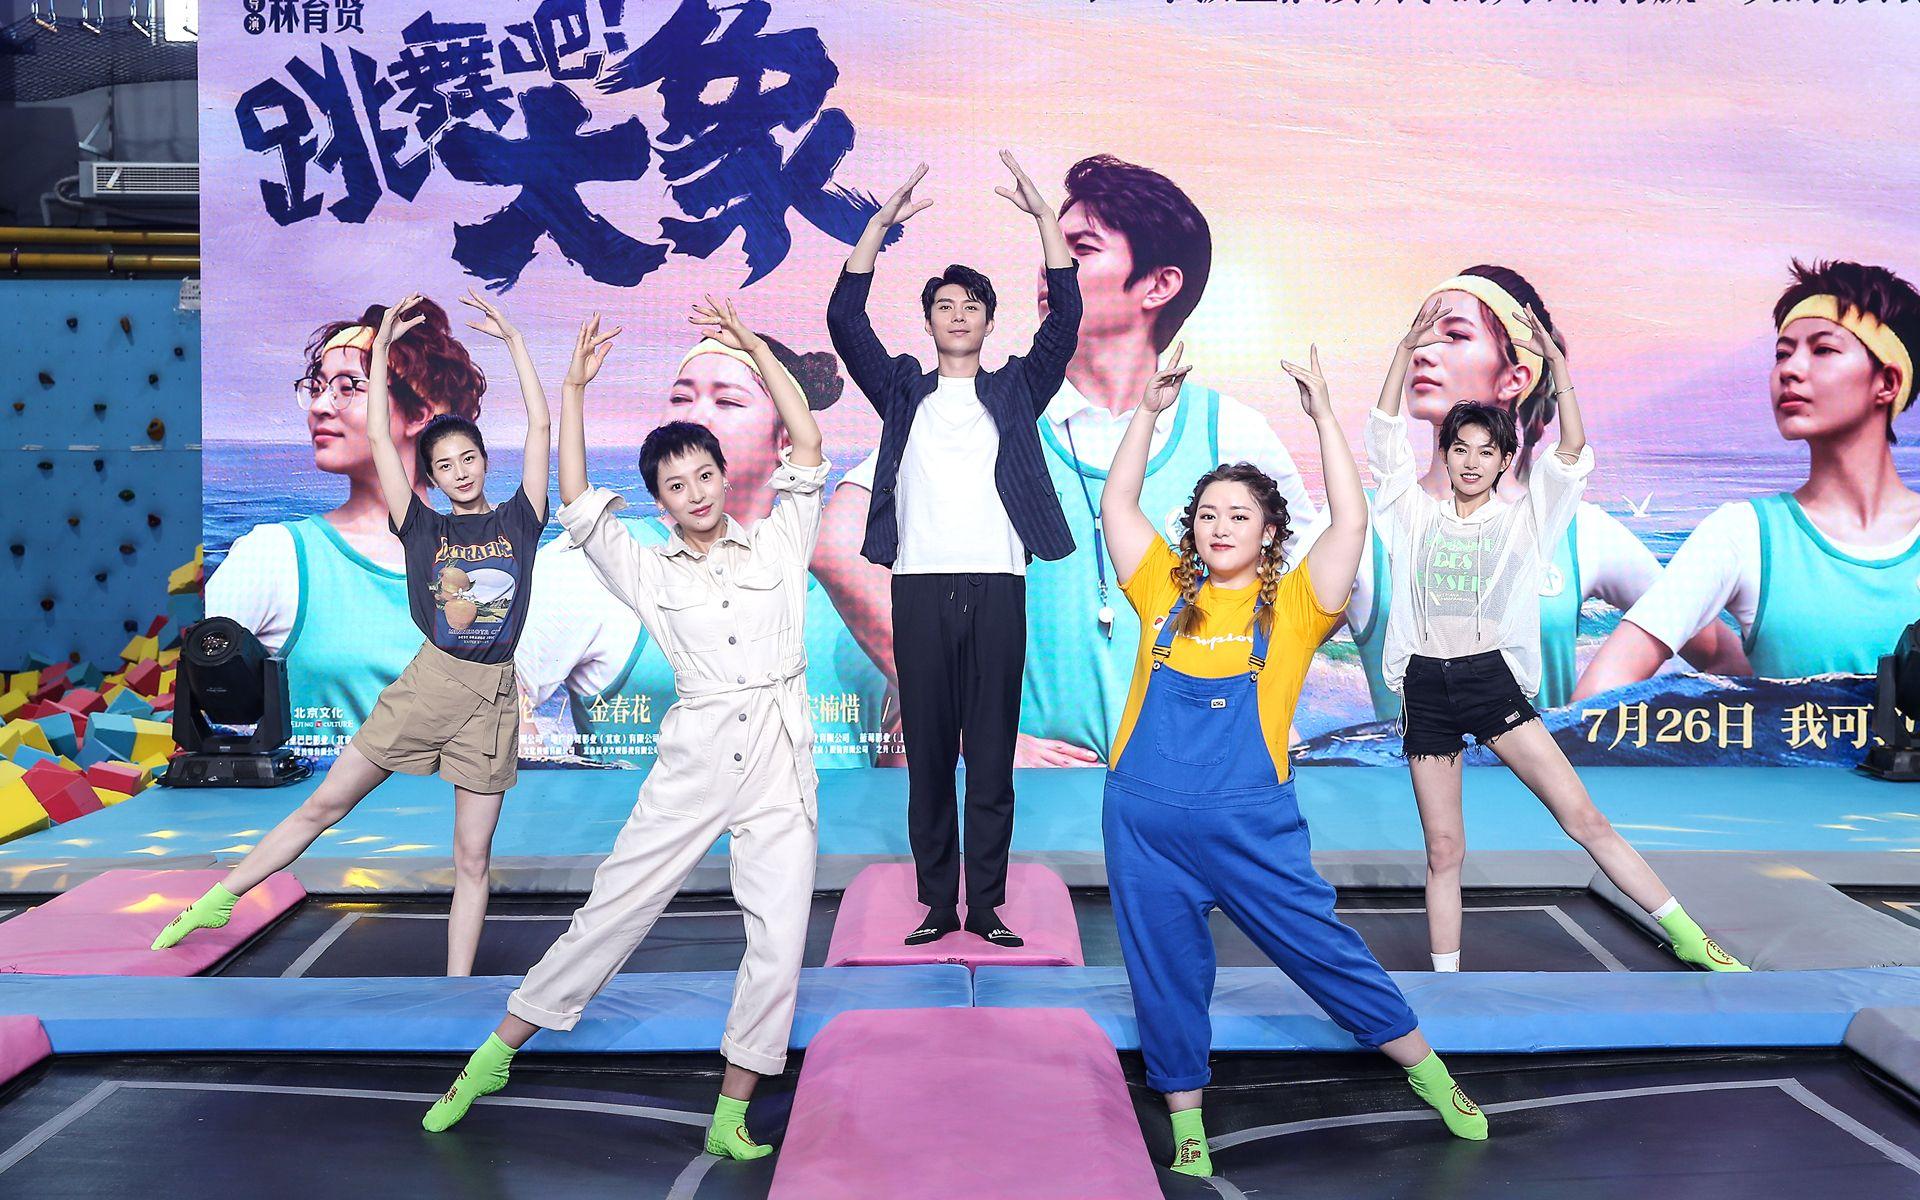 《跳舞吧!大象》蹦床发布会 艾伦金春花分享励